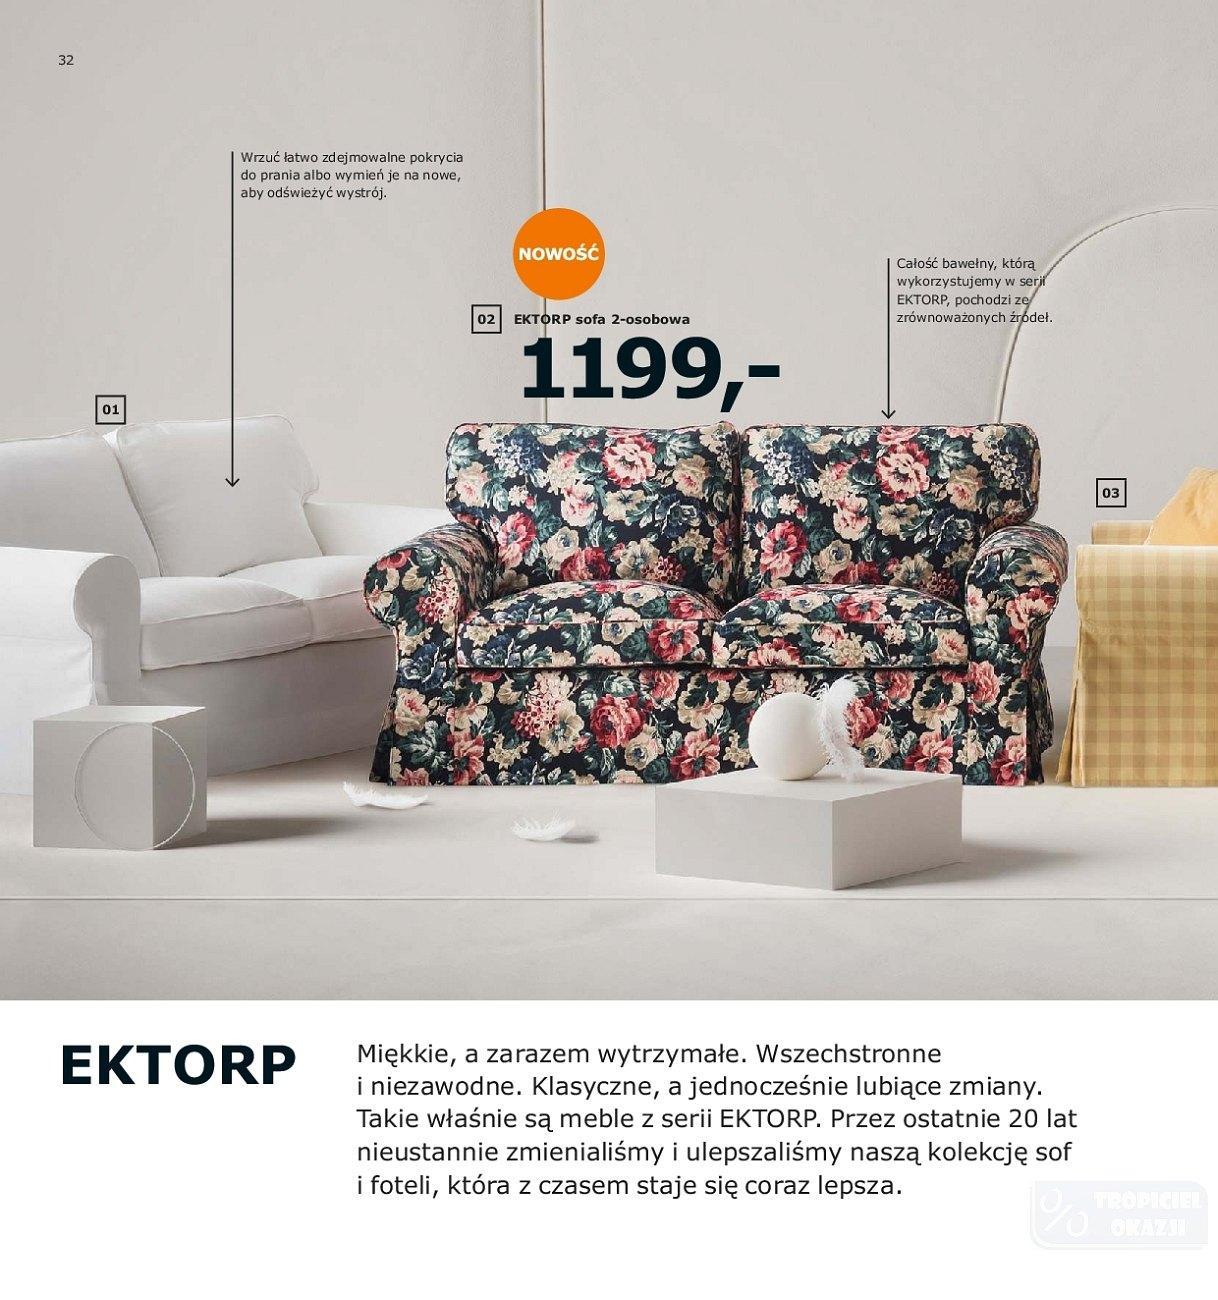 Gazetka promocyjna IKEA do 31/07/2019 str.32